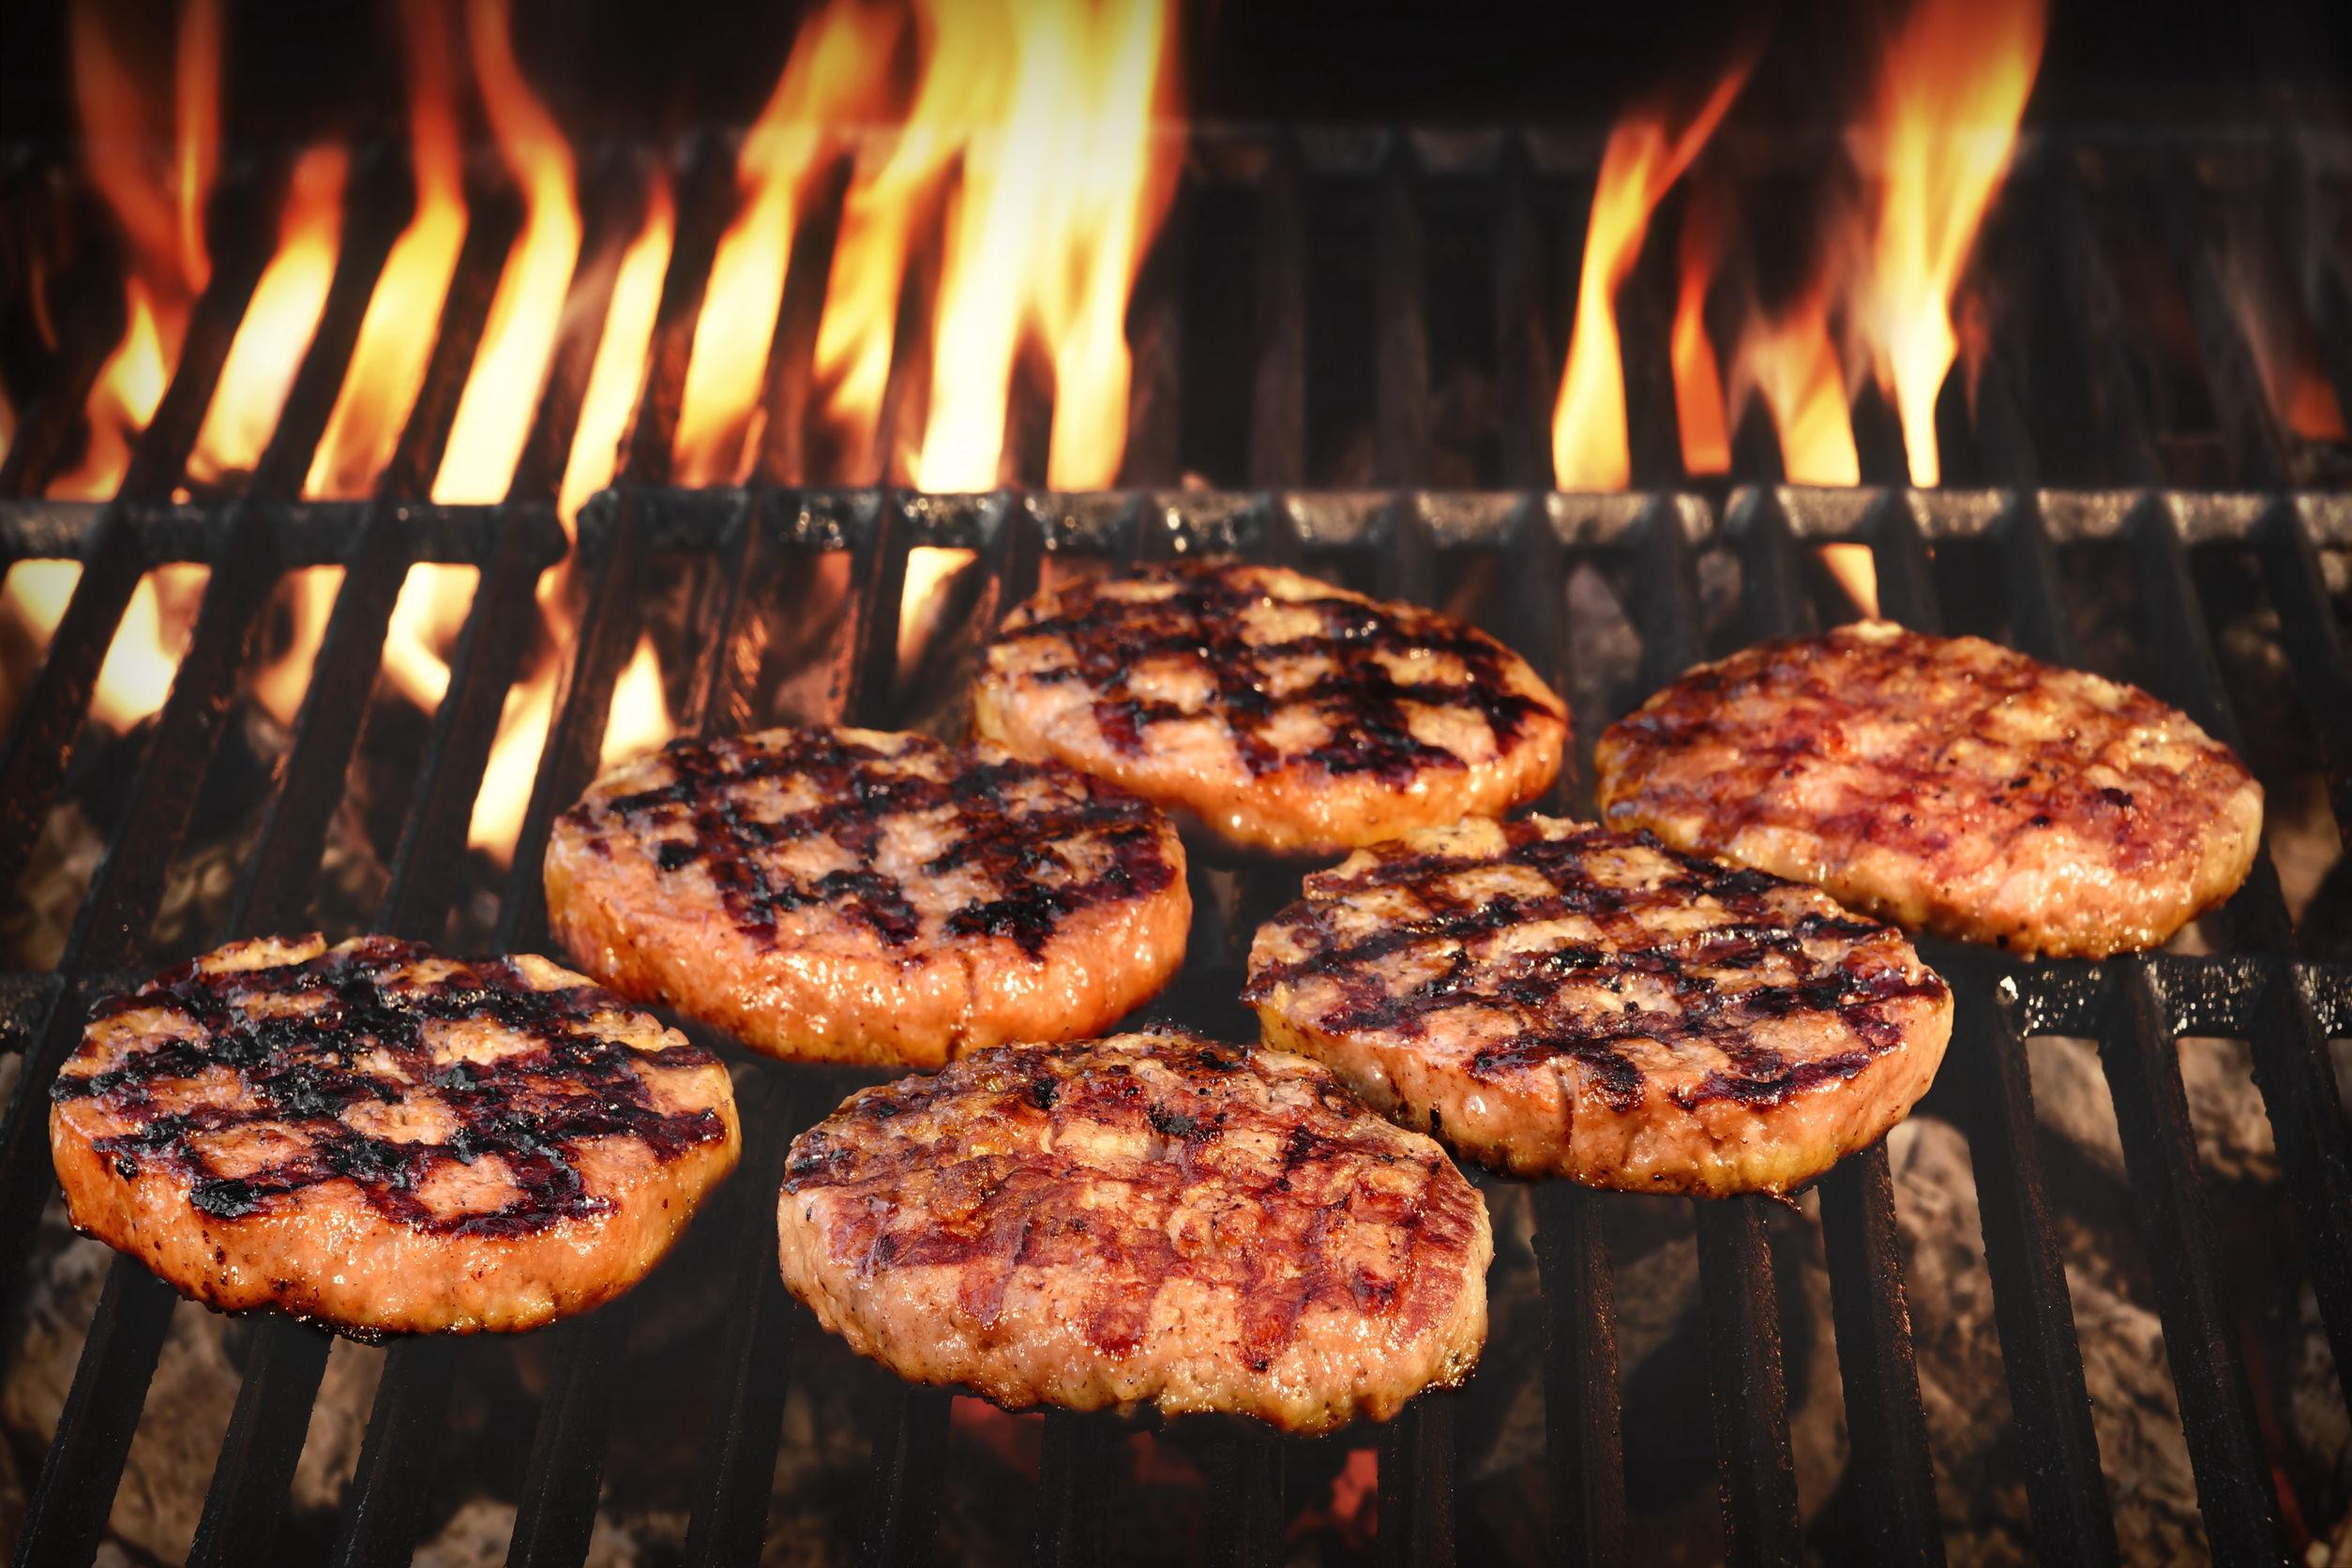 Vários hambúrgueres sendo feitos em uma grelha